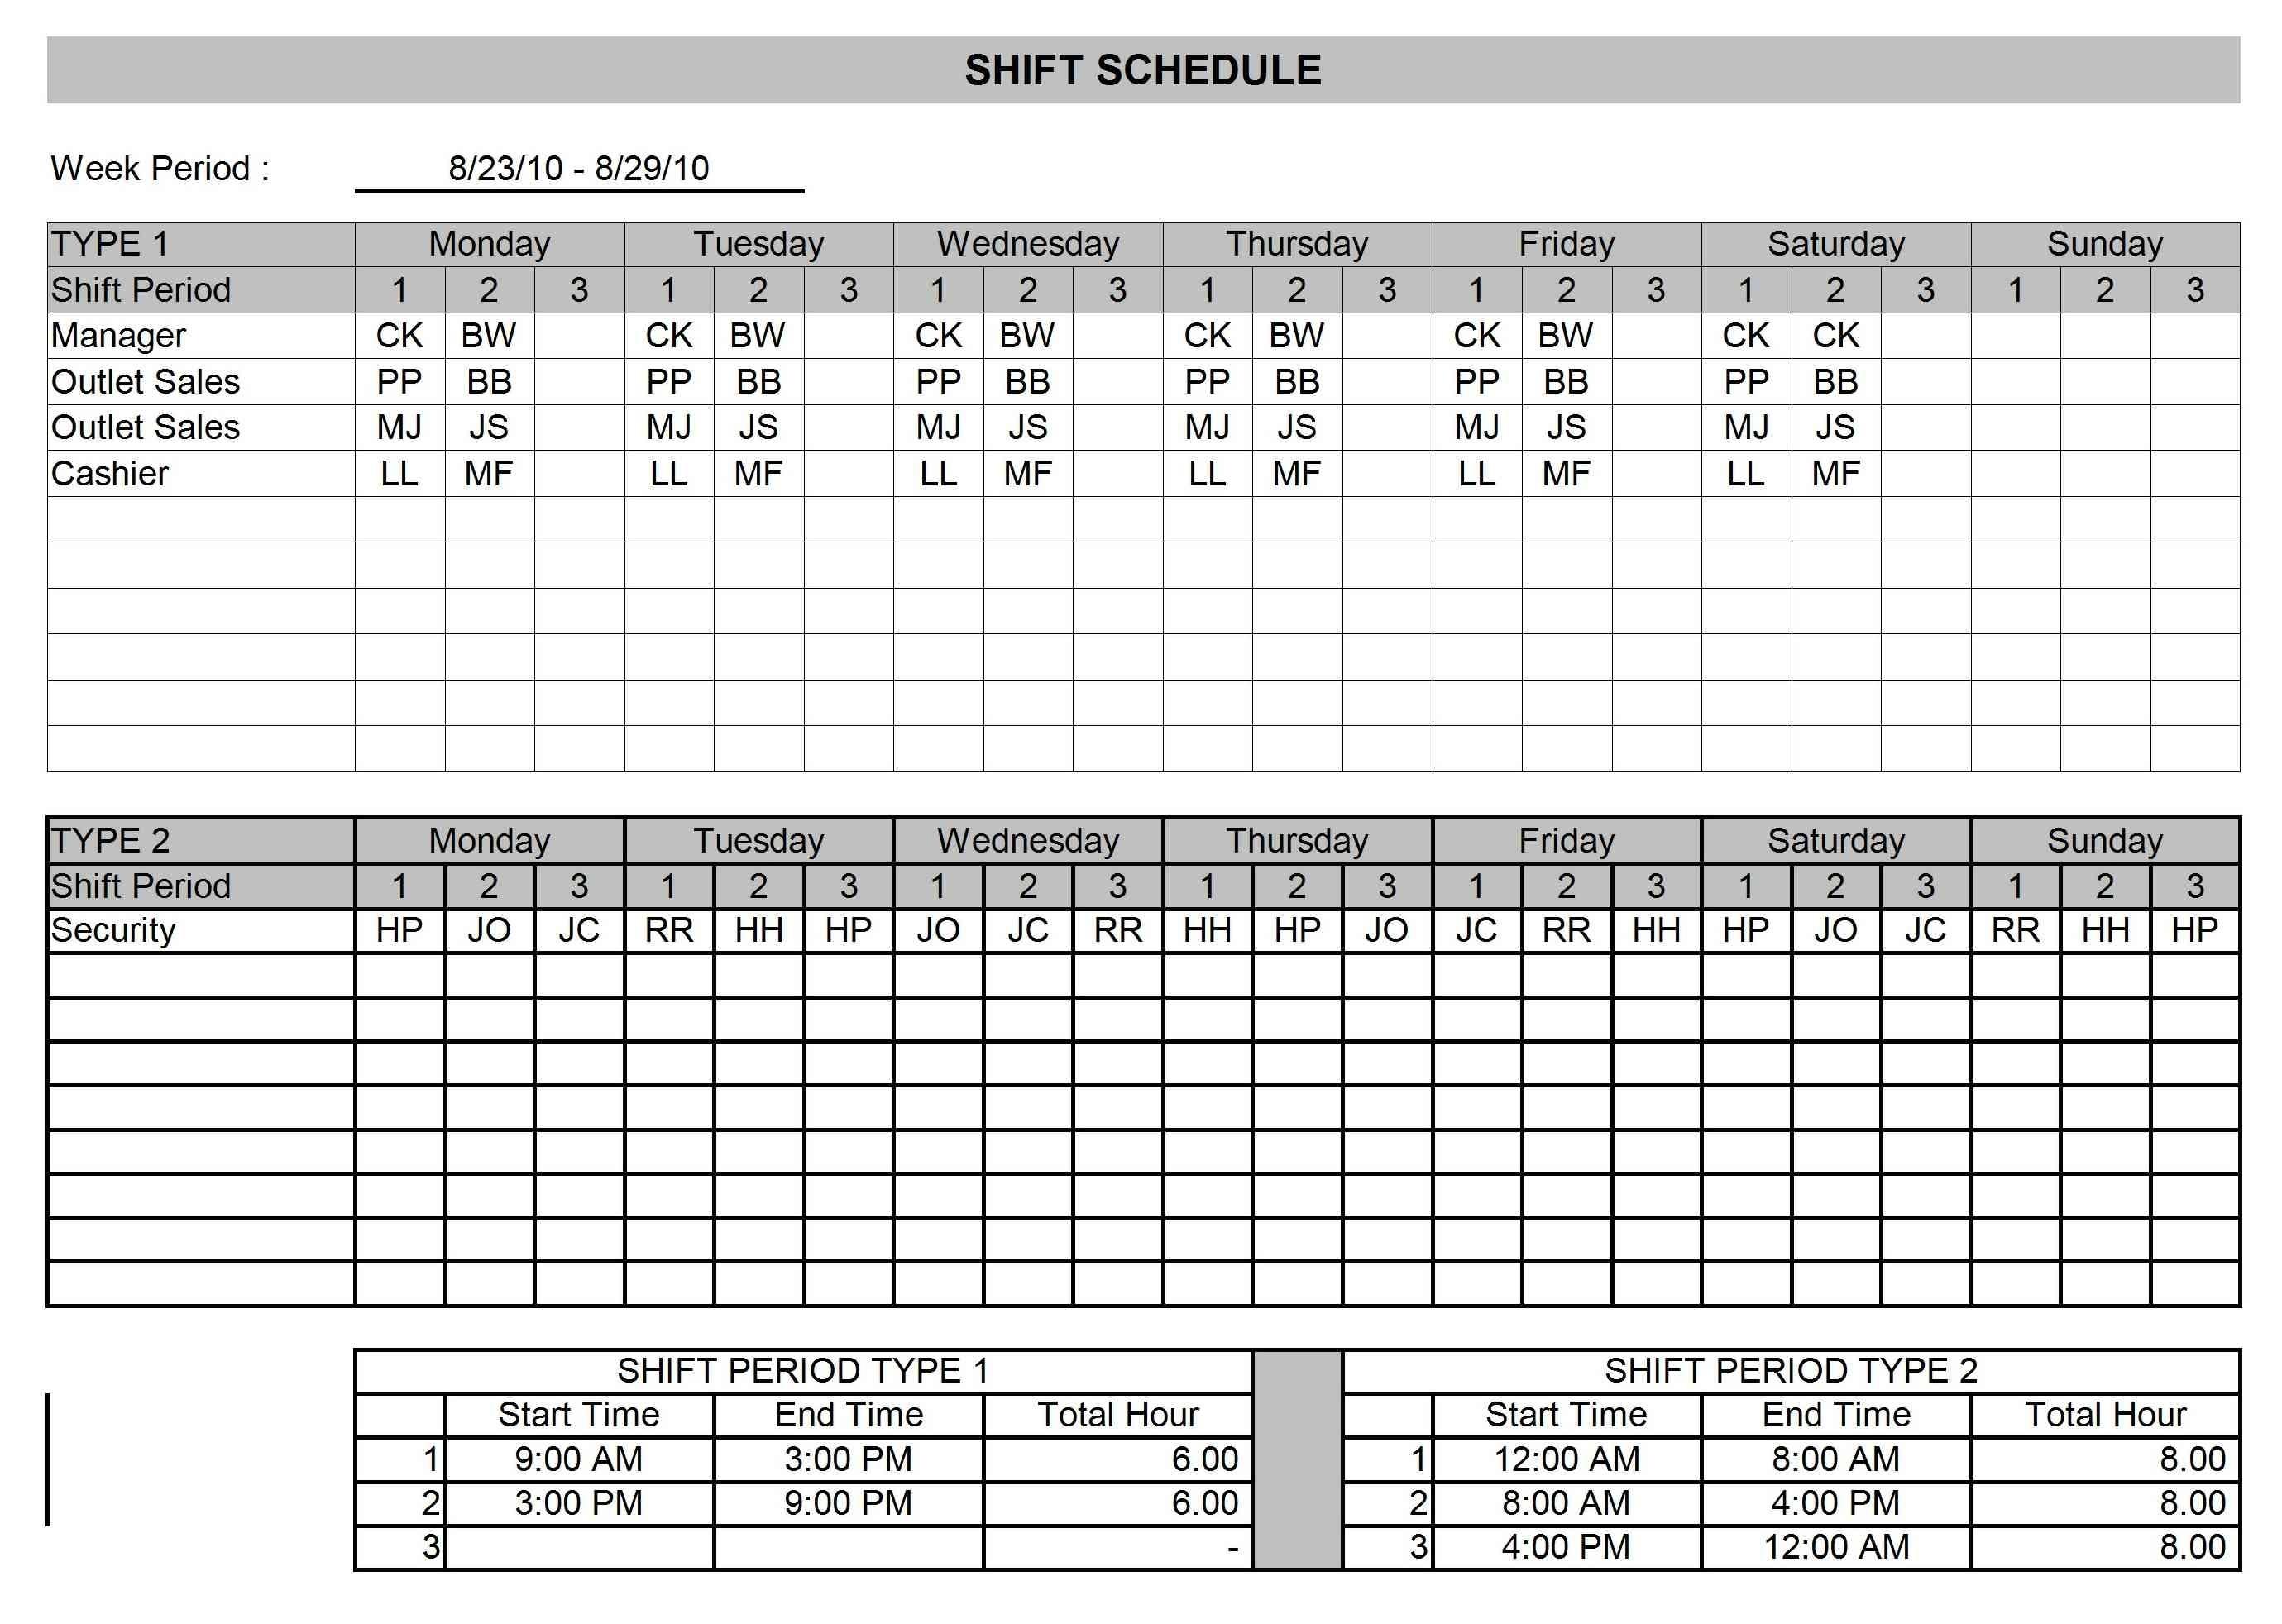 Shift Schedule | Open Office Templates Calendar Template Open Office